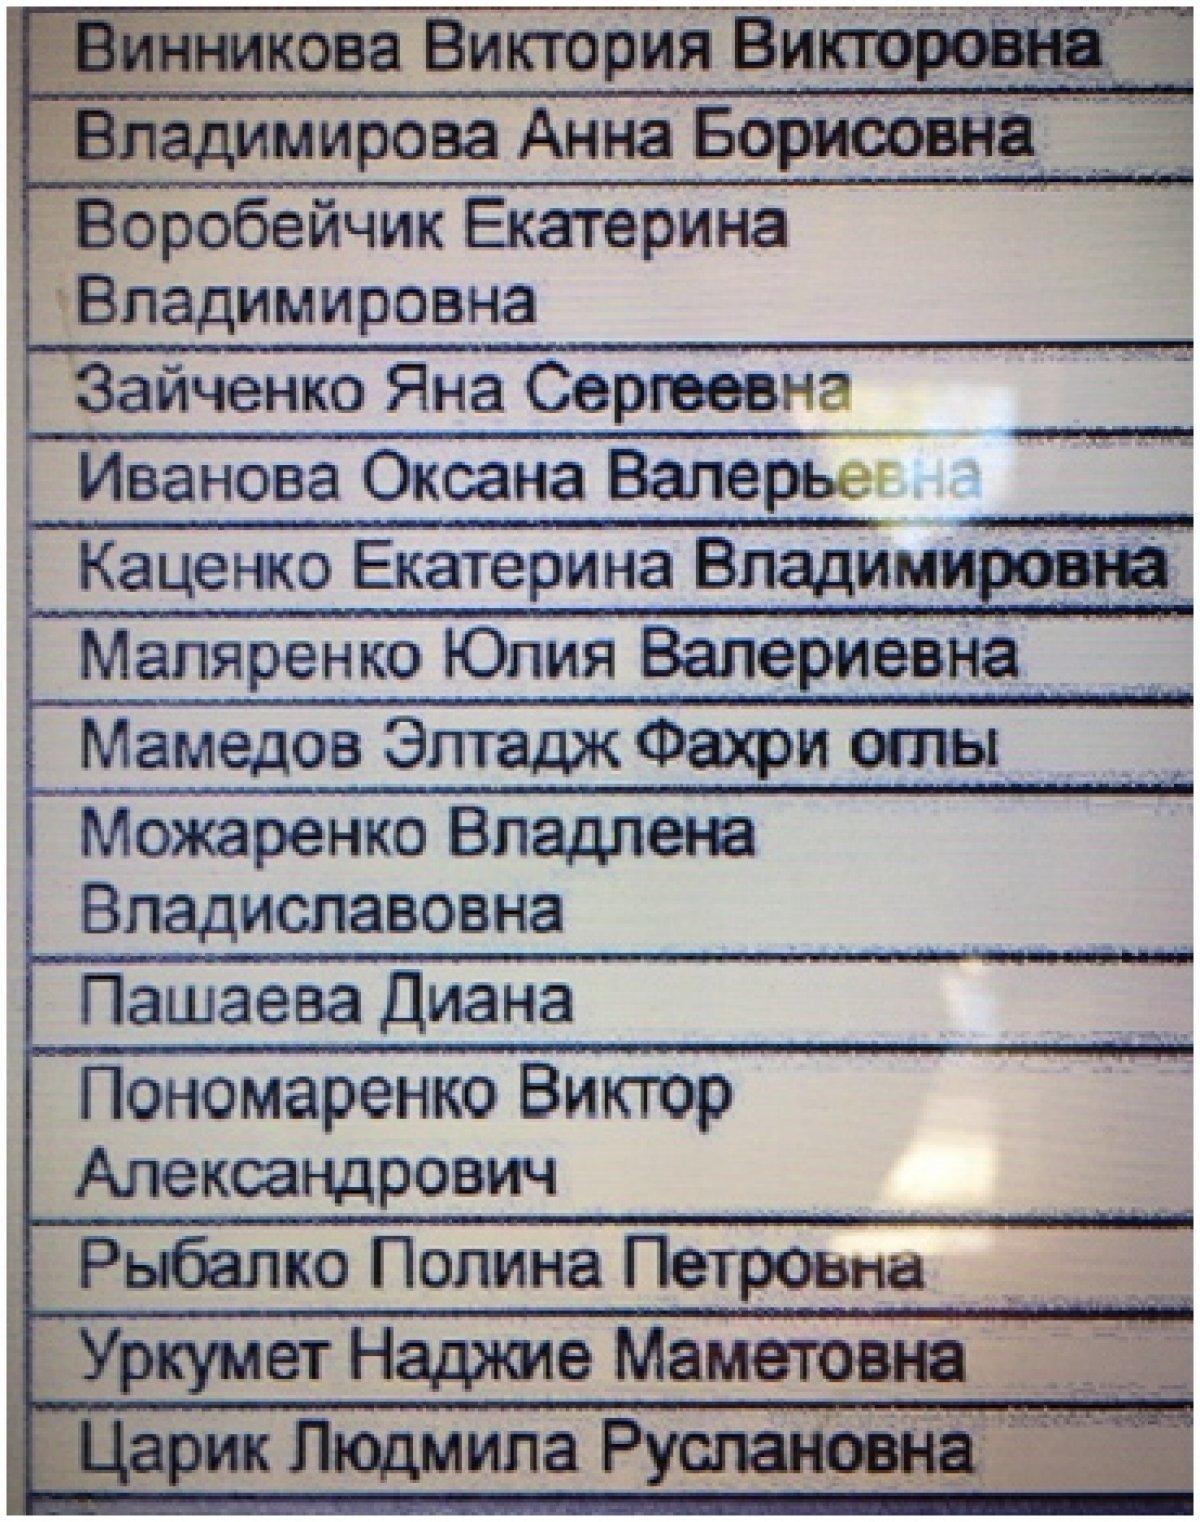 Уважаемые студенты выпускного курса из списка ниже. Просим вас прислать на businesscrimea@mail.ru фото платежек оплаты за последний семестр (15.000 на московские реквизиты), так как ваша оплата прошла по банку лишь частично